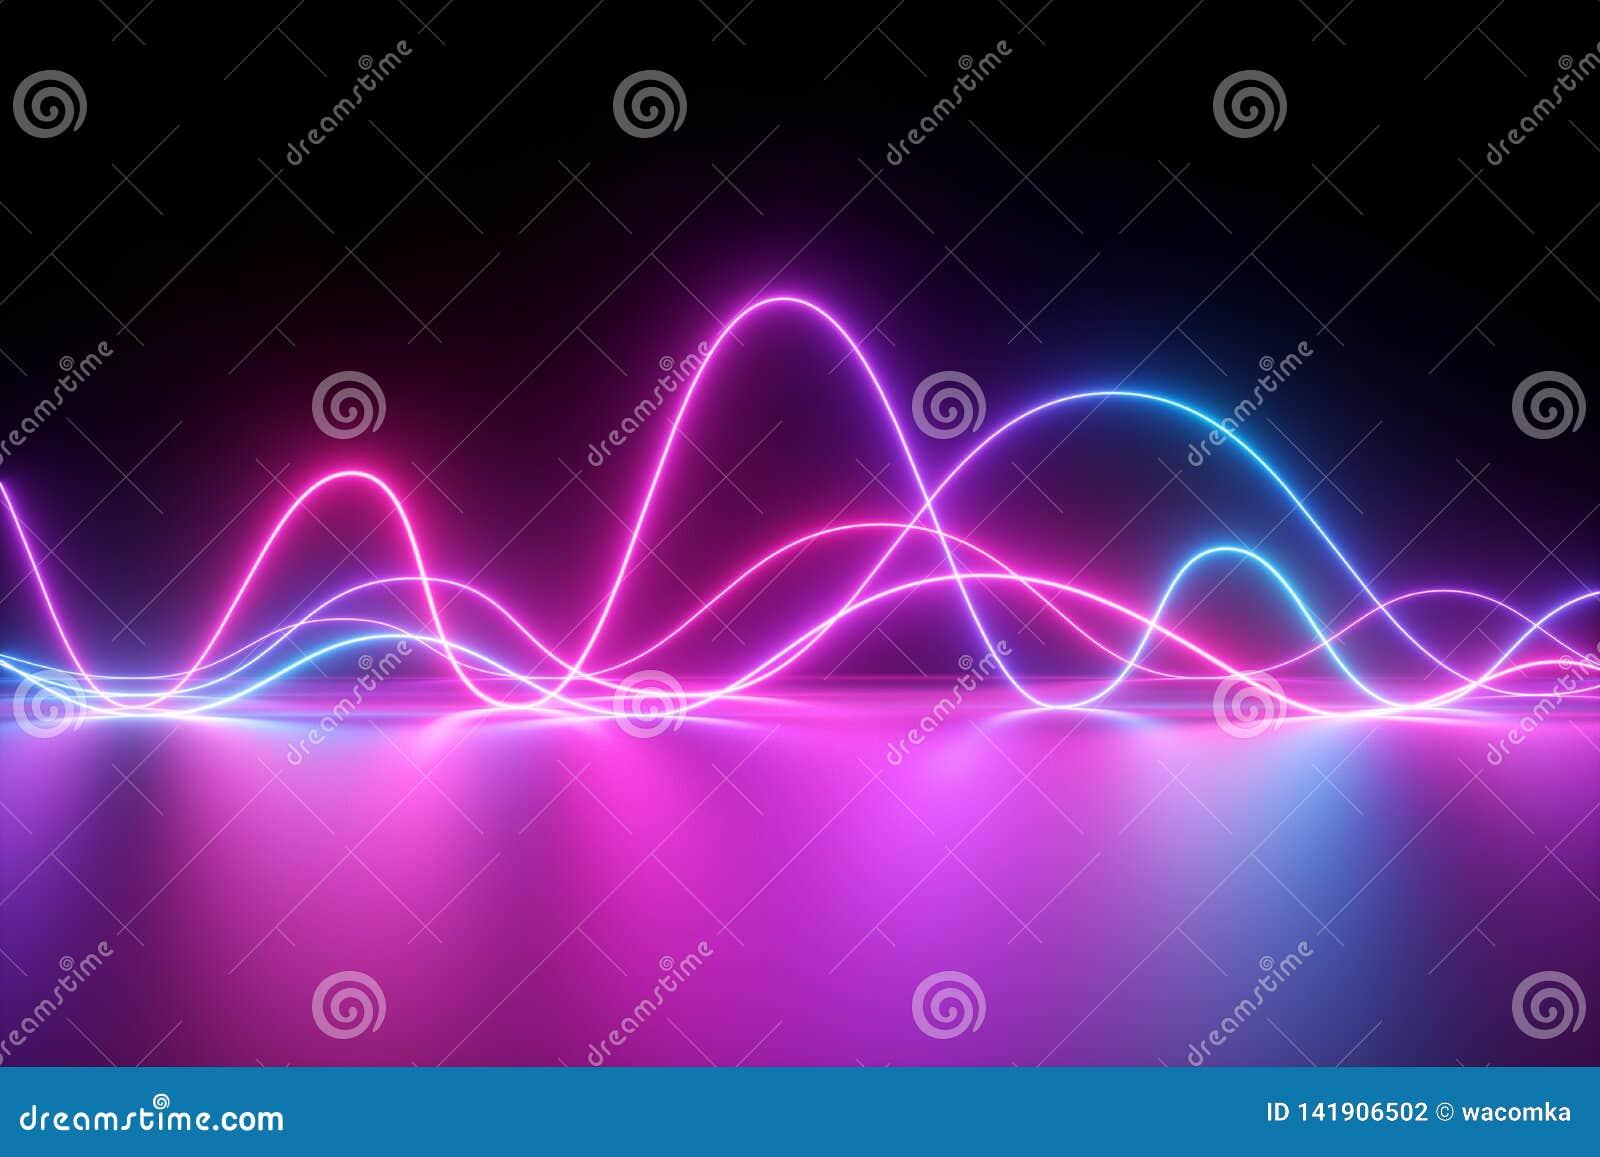 3d geef, vat achtergrond, neonlicht, de lijnen van de impulsmacht samen, toont de laser, impuls, grafiek, ultraviolette lijnen, e